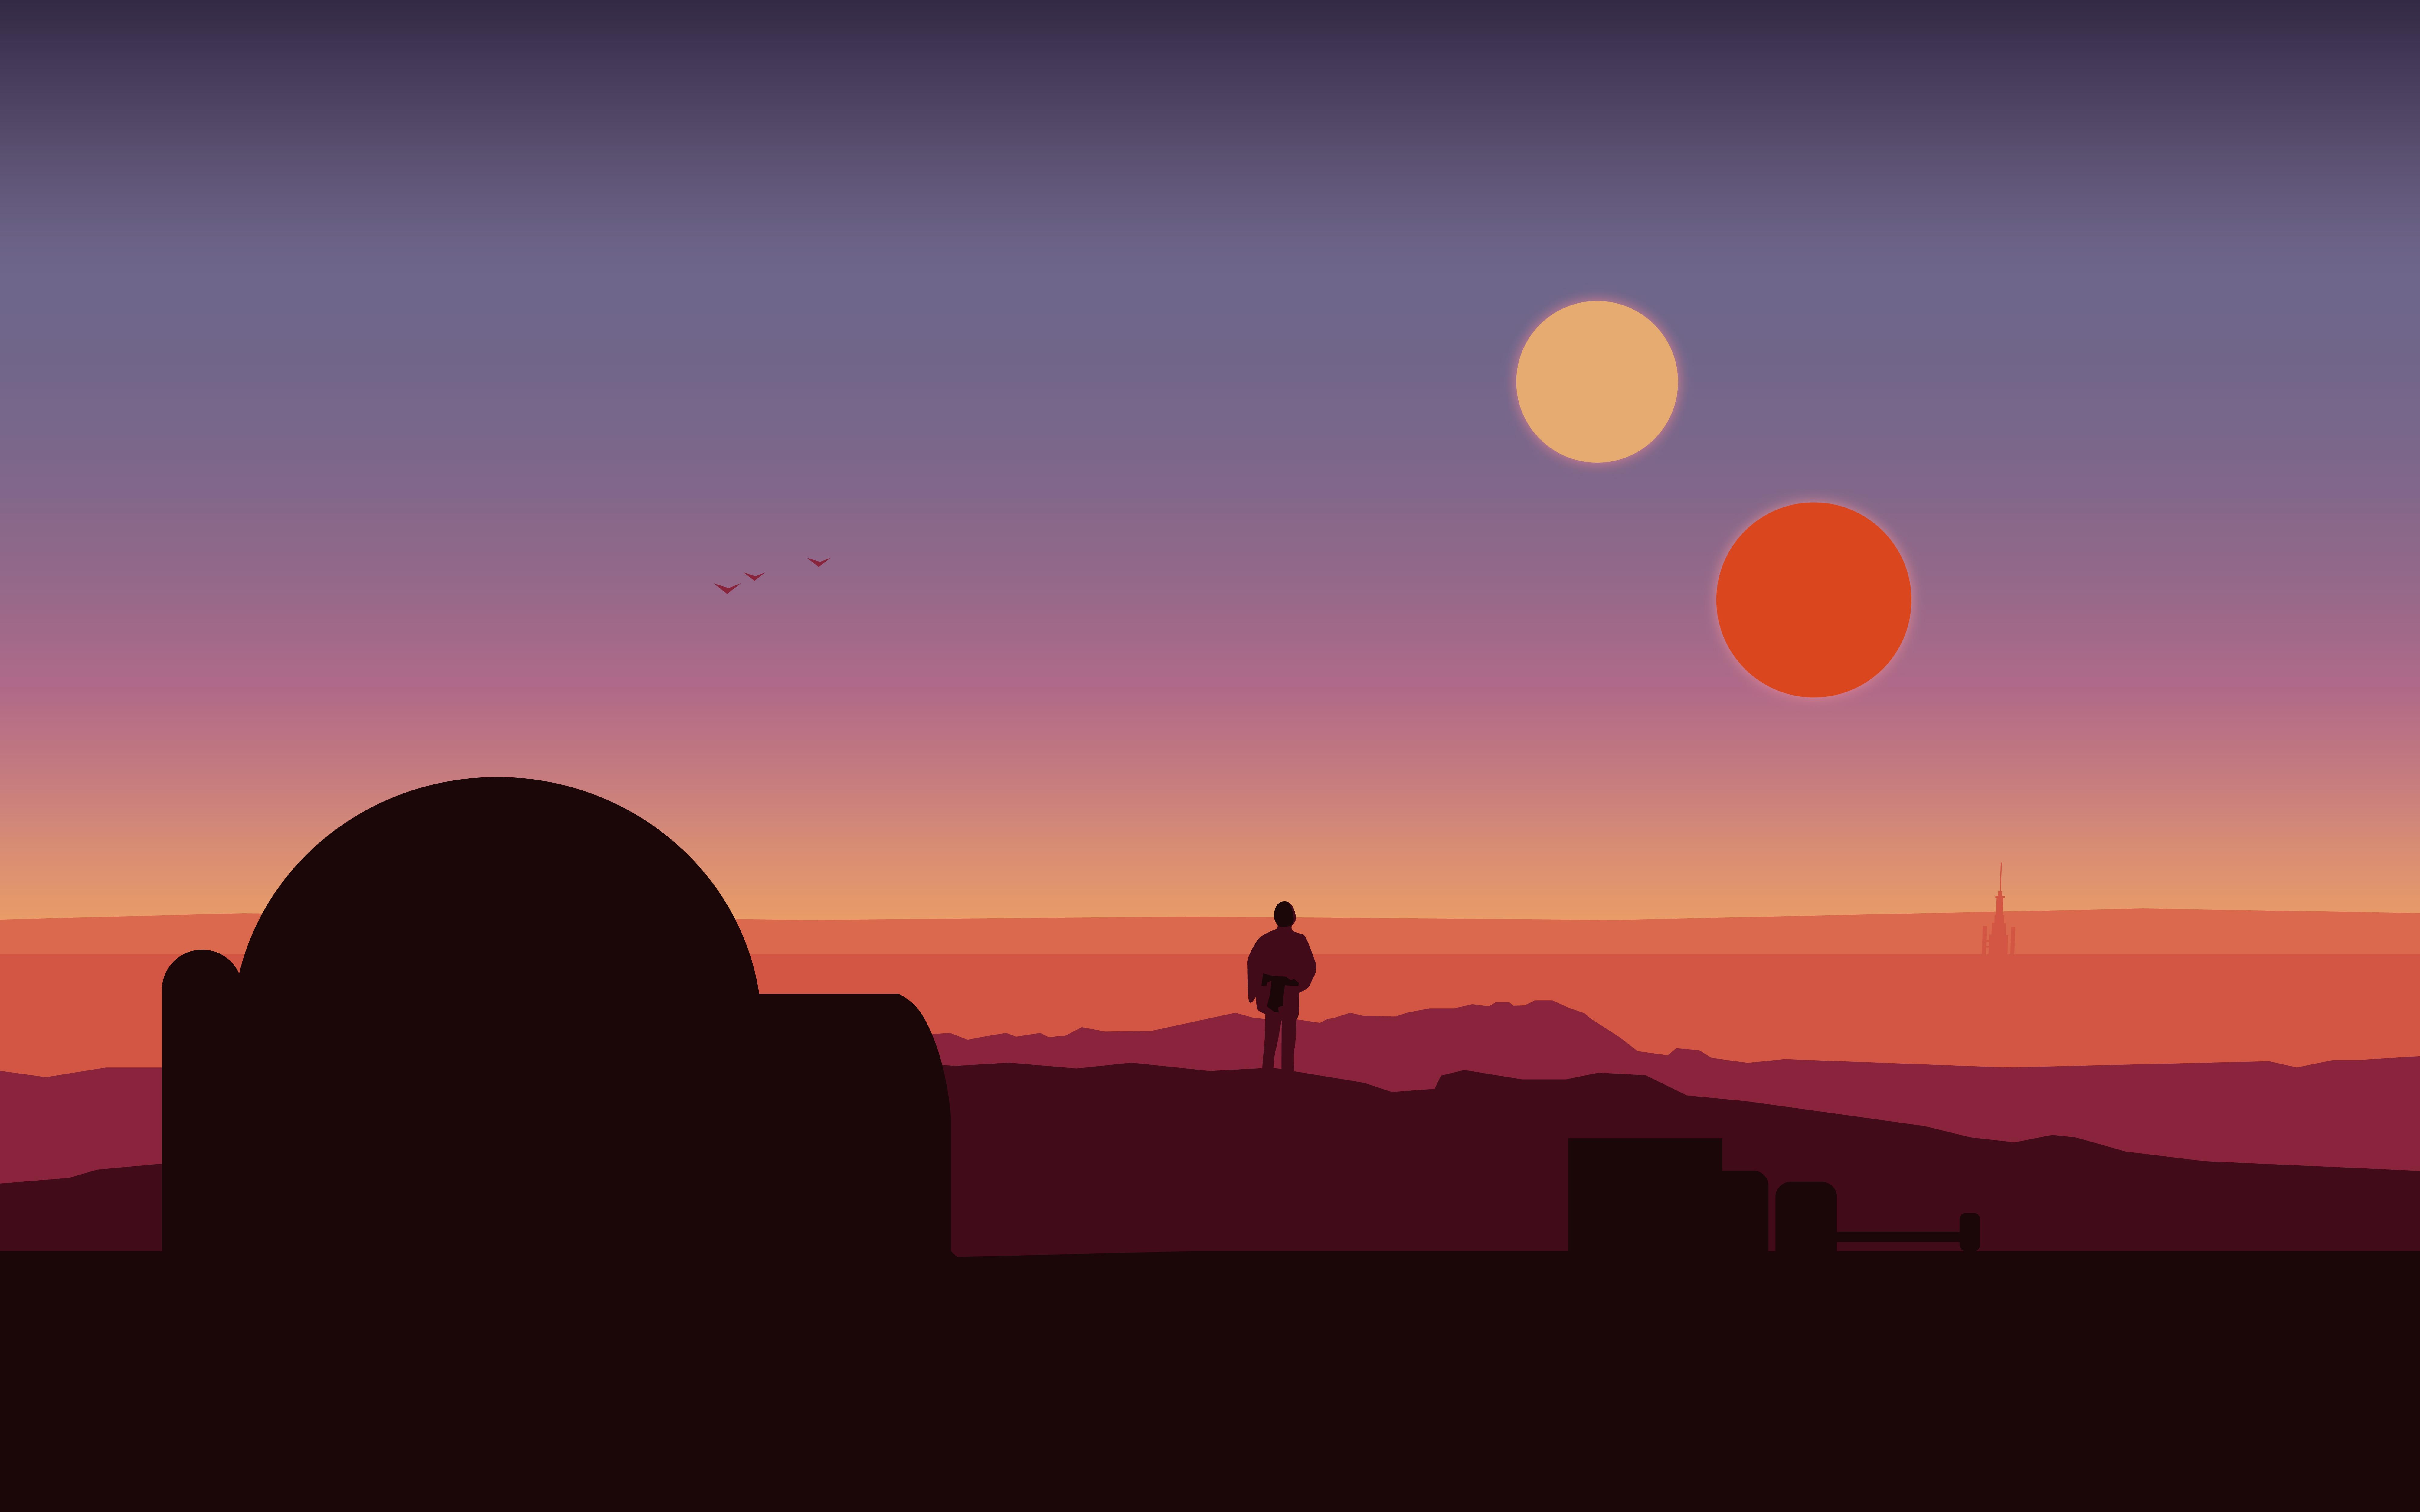 Star Wars Luke Skywalker Jedi artwork 1877699